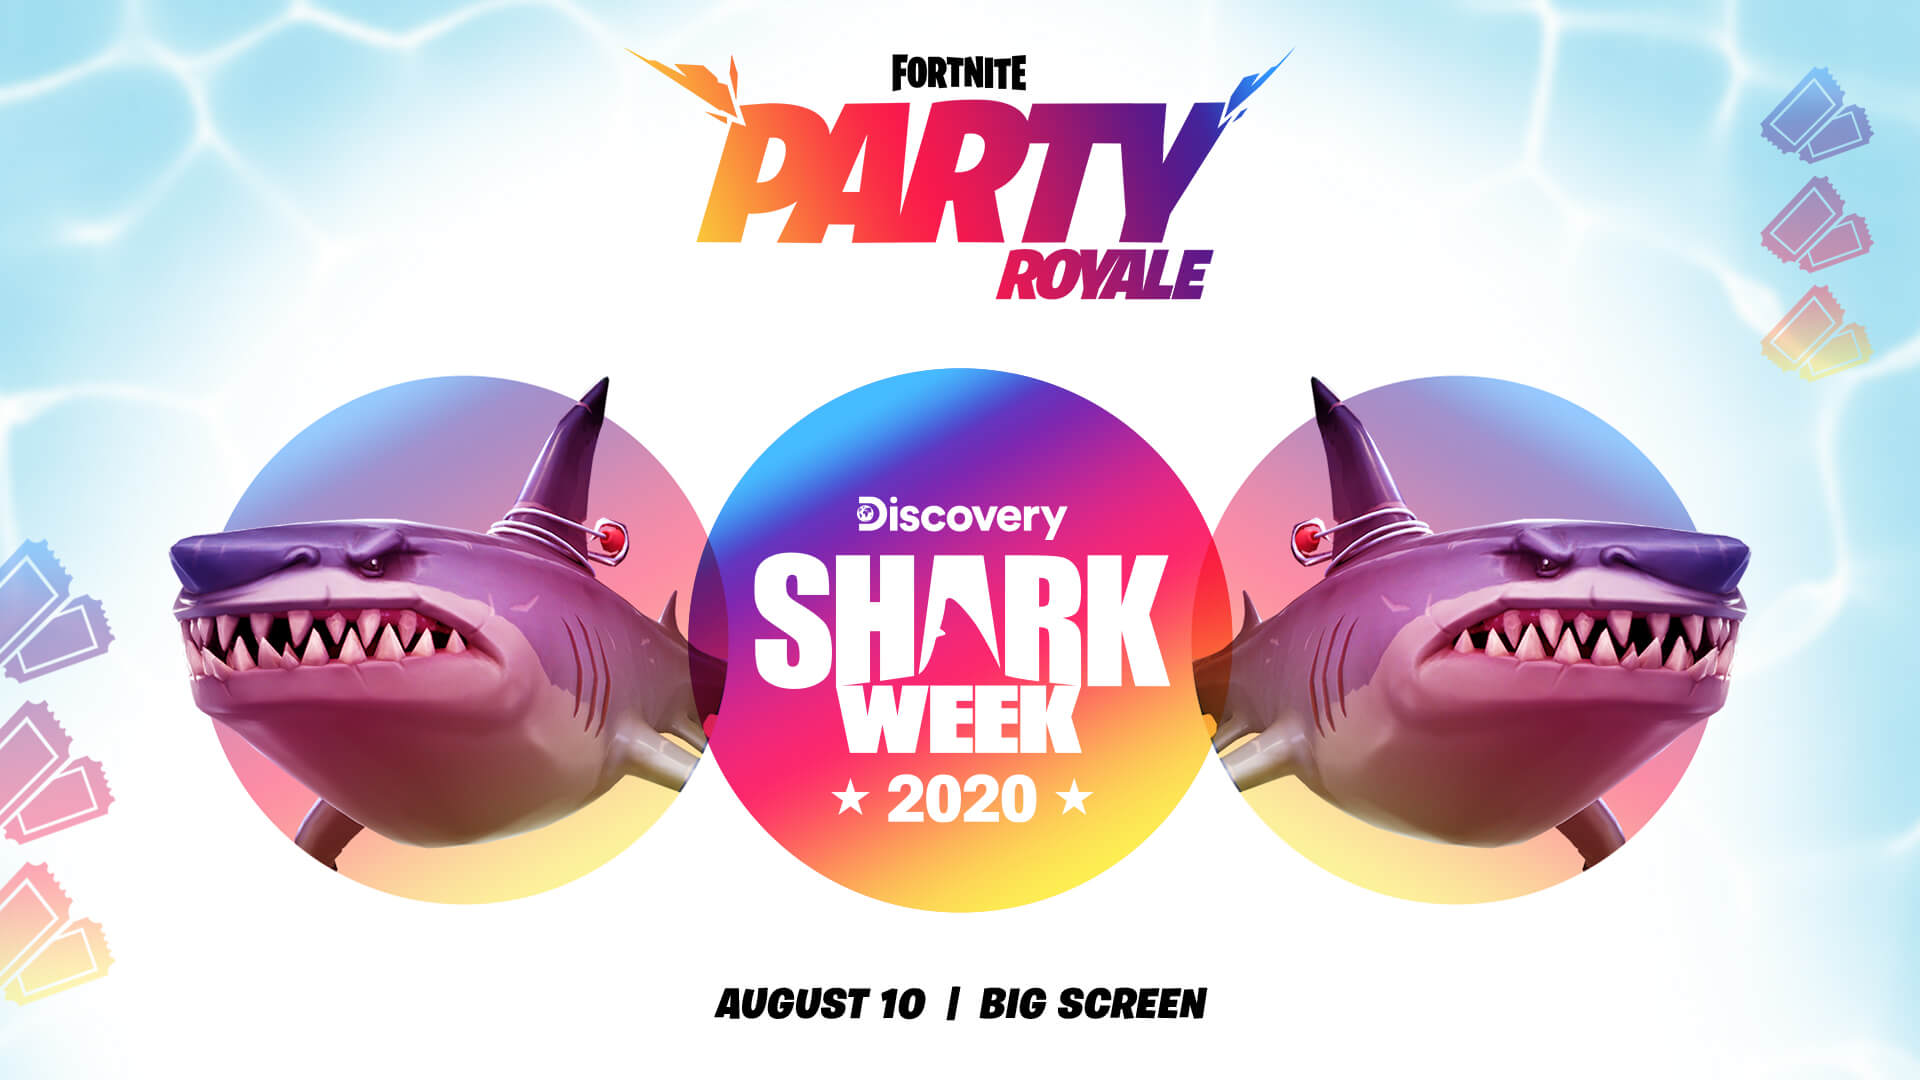 Tiger Shark King Fortnite Premiere